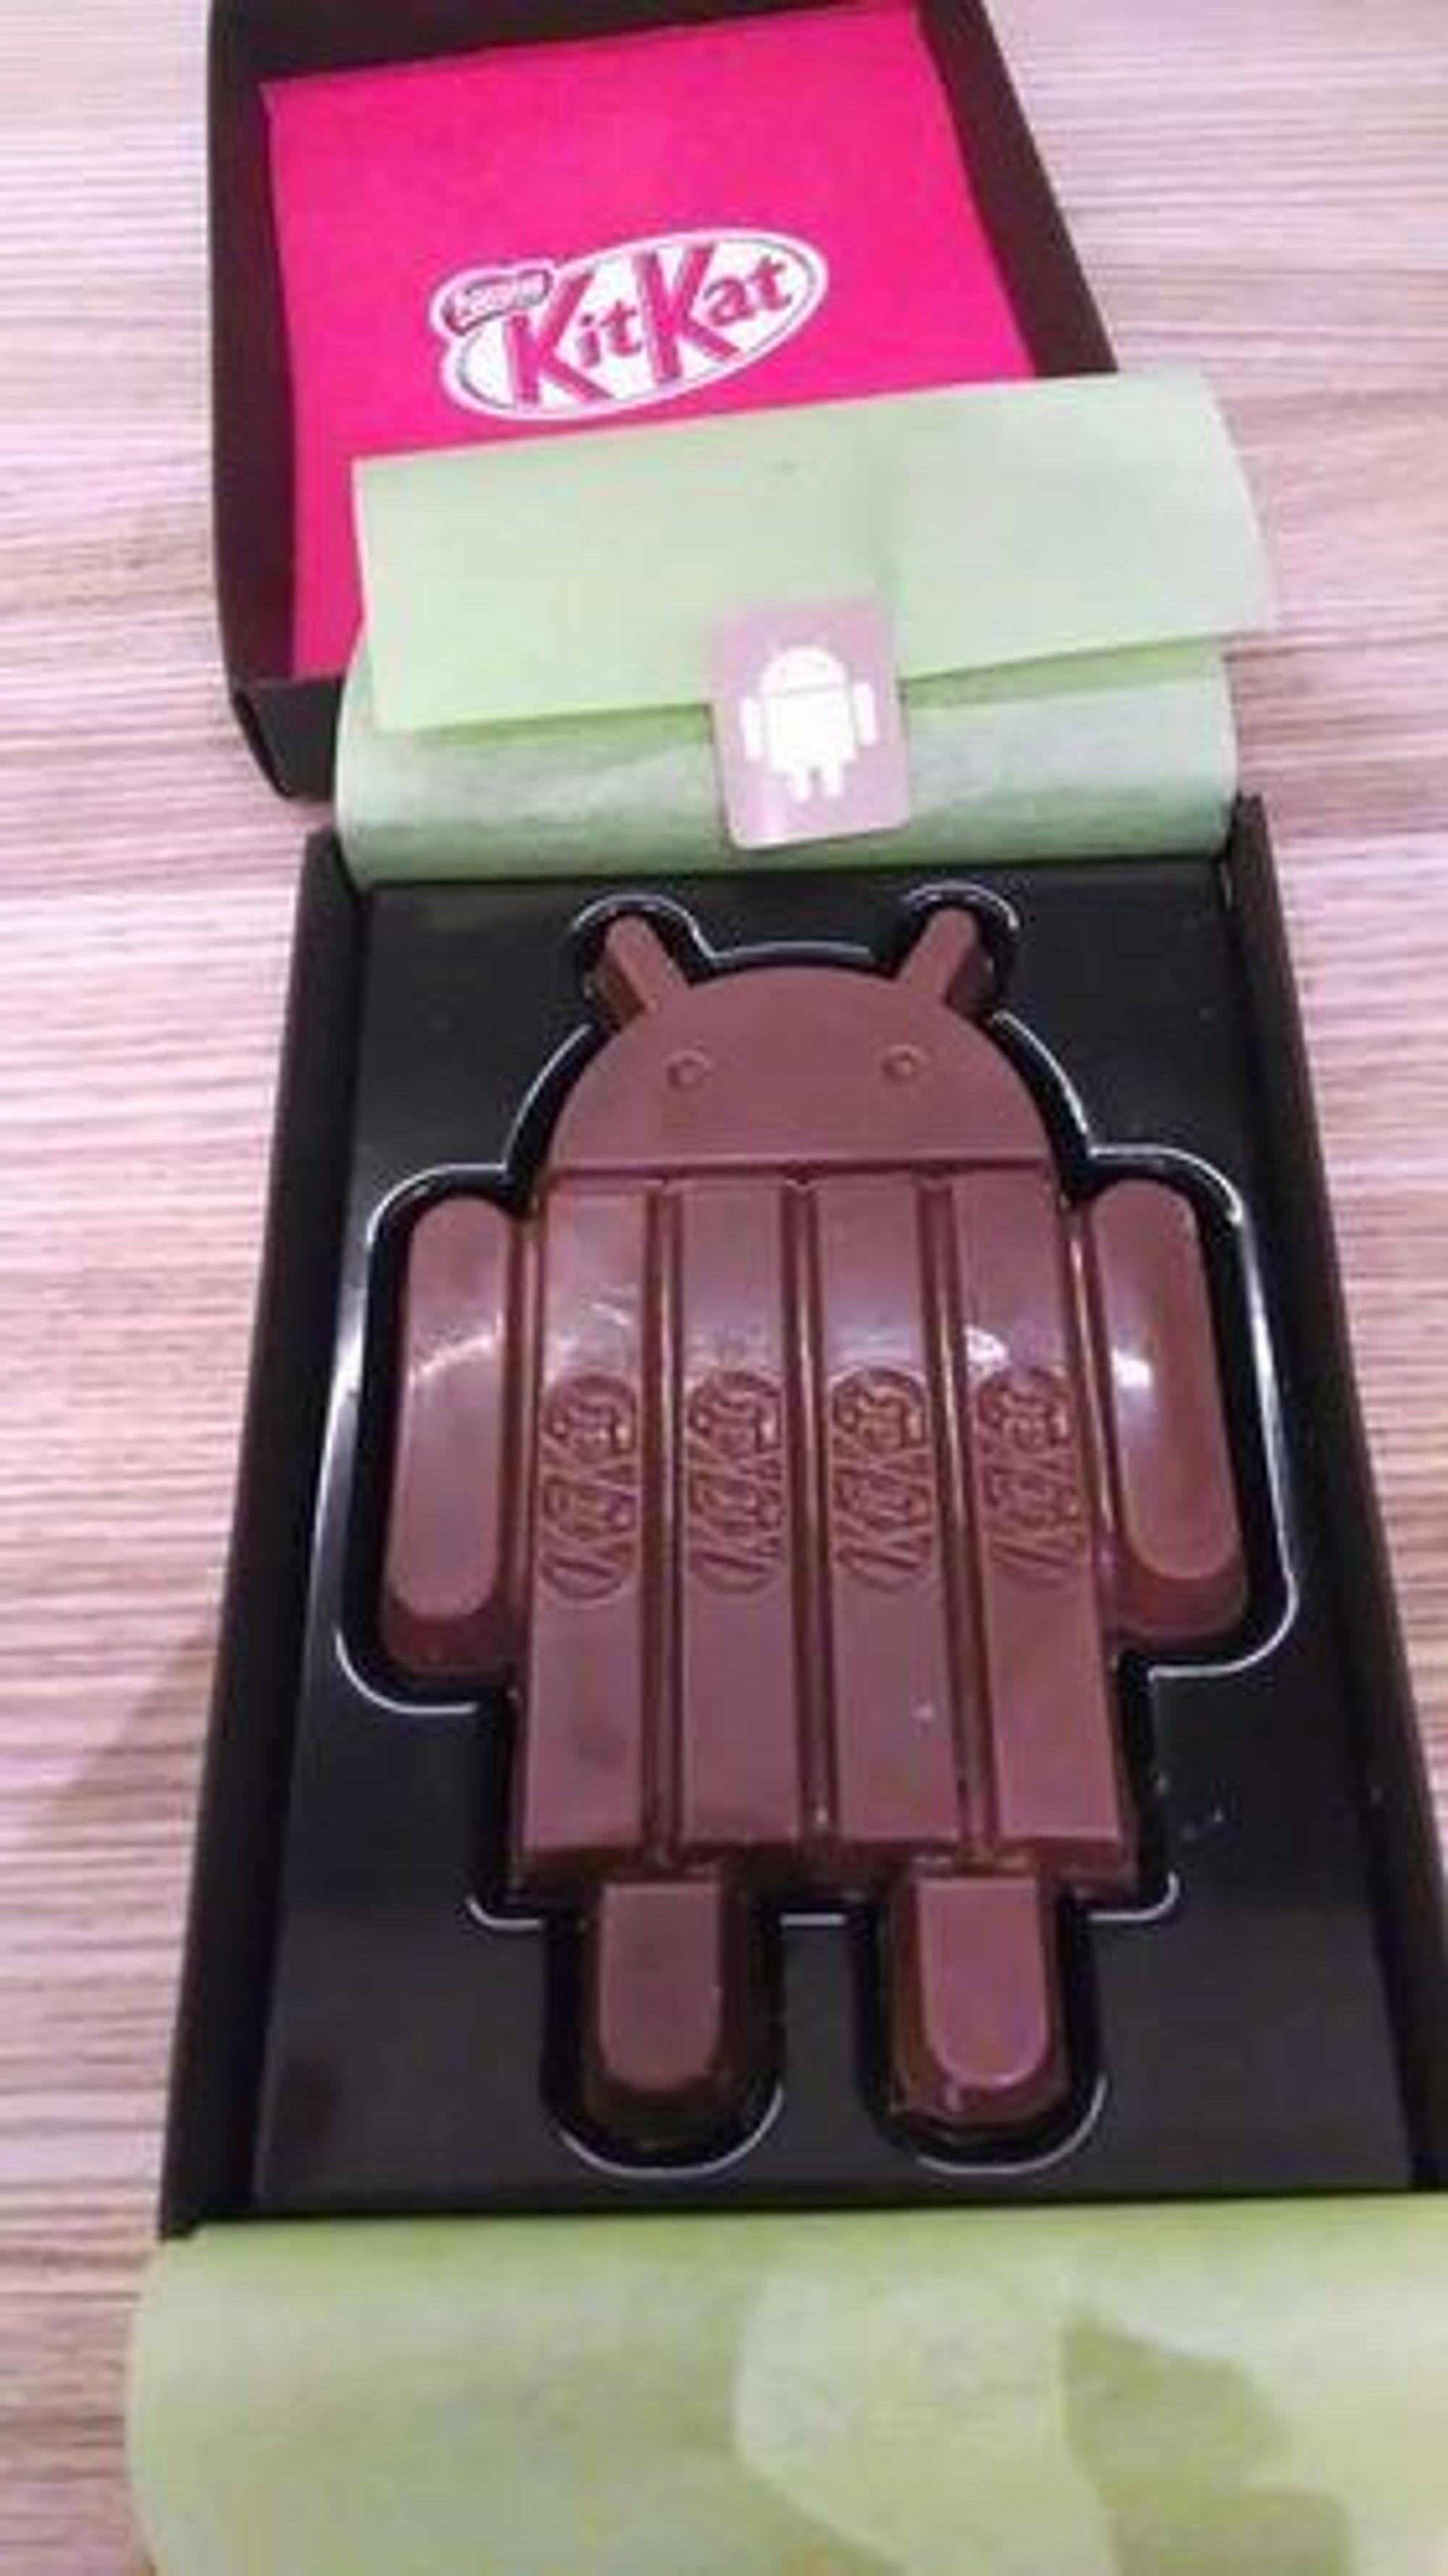 Android-utgaven av KitKat-sjokoladen.